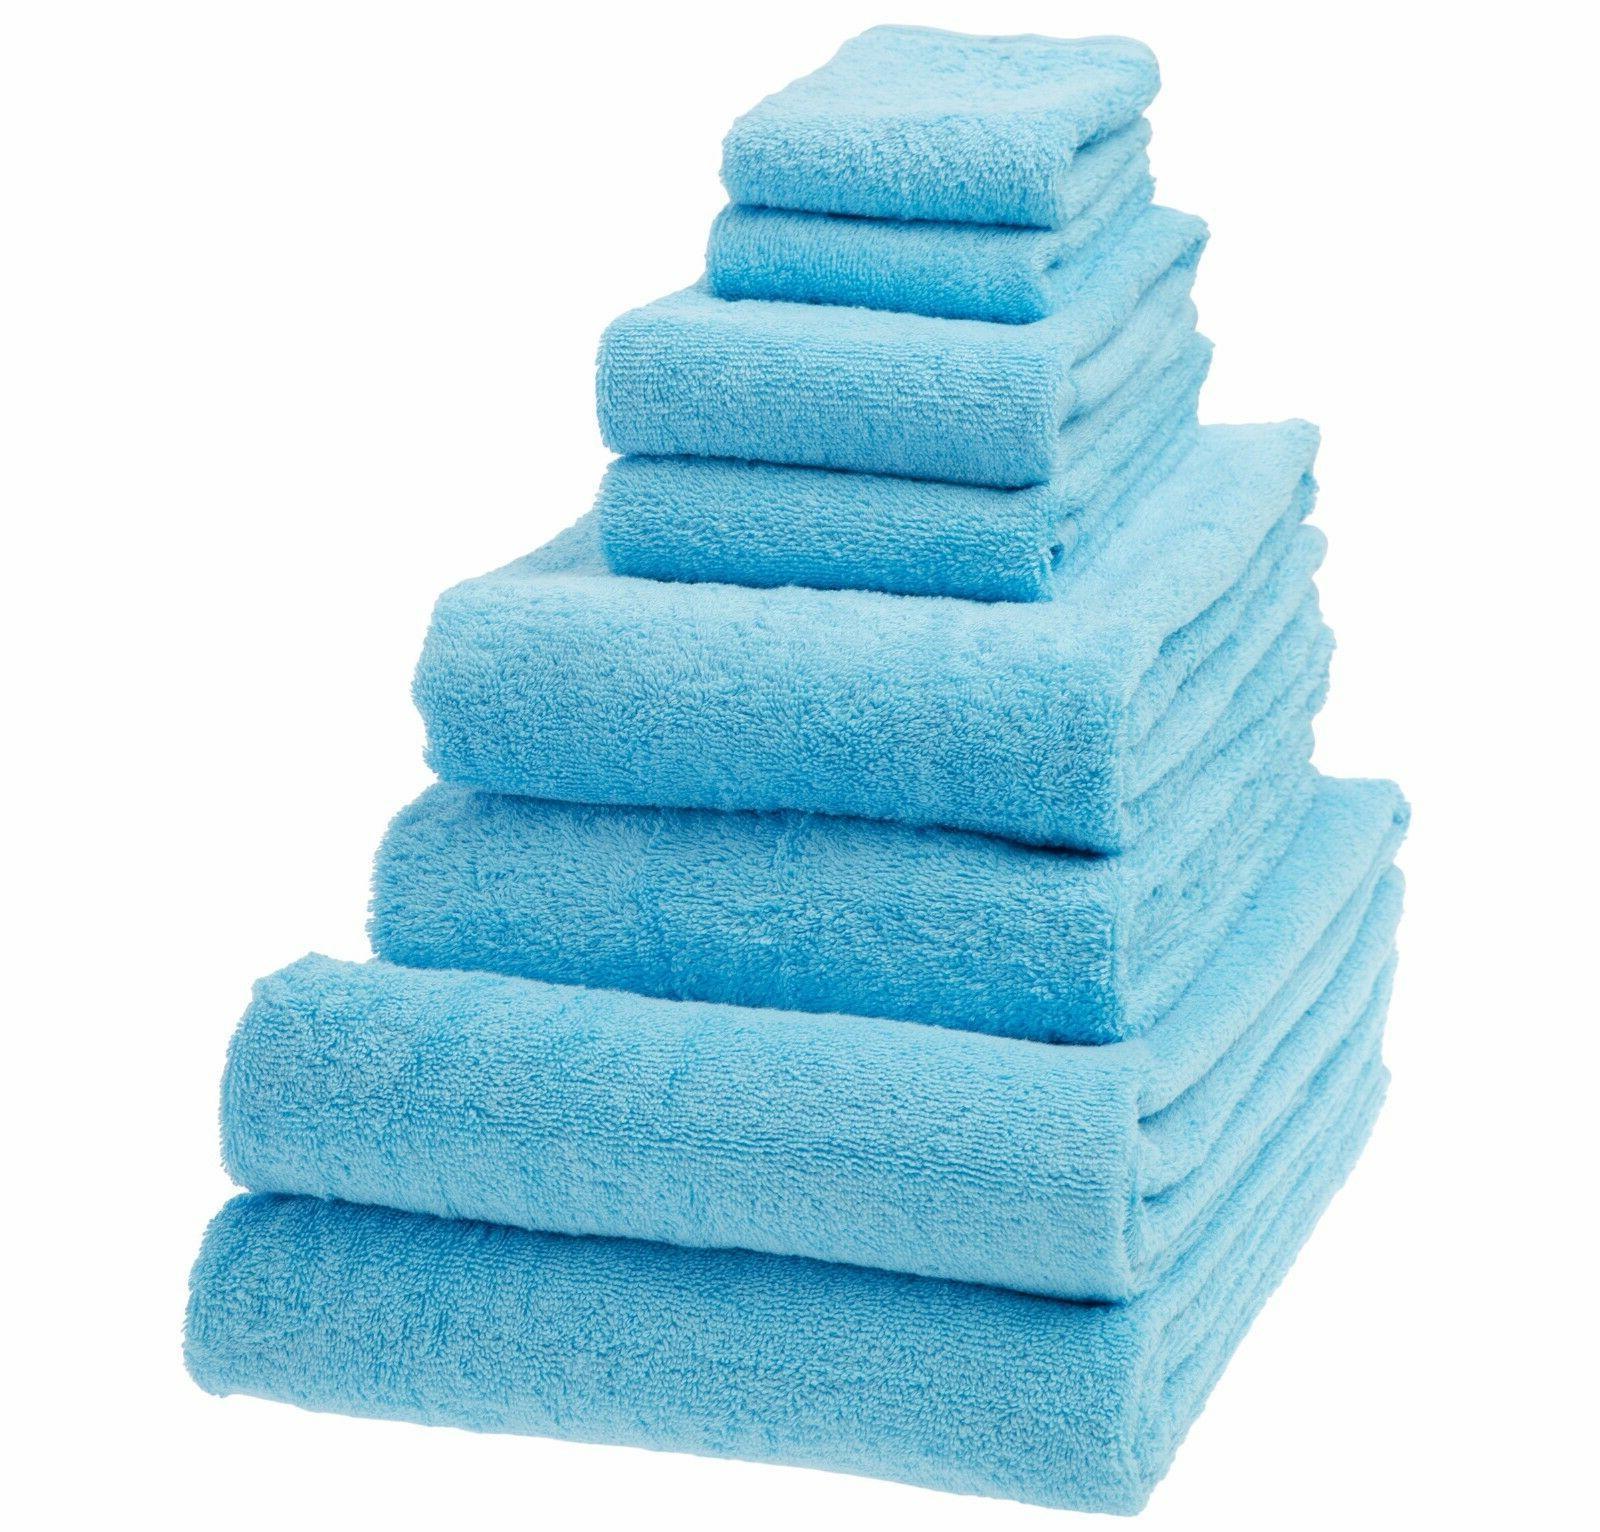 Bath Sheet Towel Set Plush Turkish Cotton Towels Premium Quick Dry